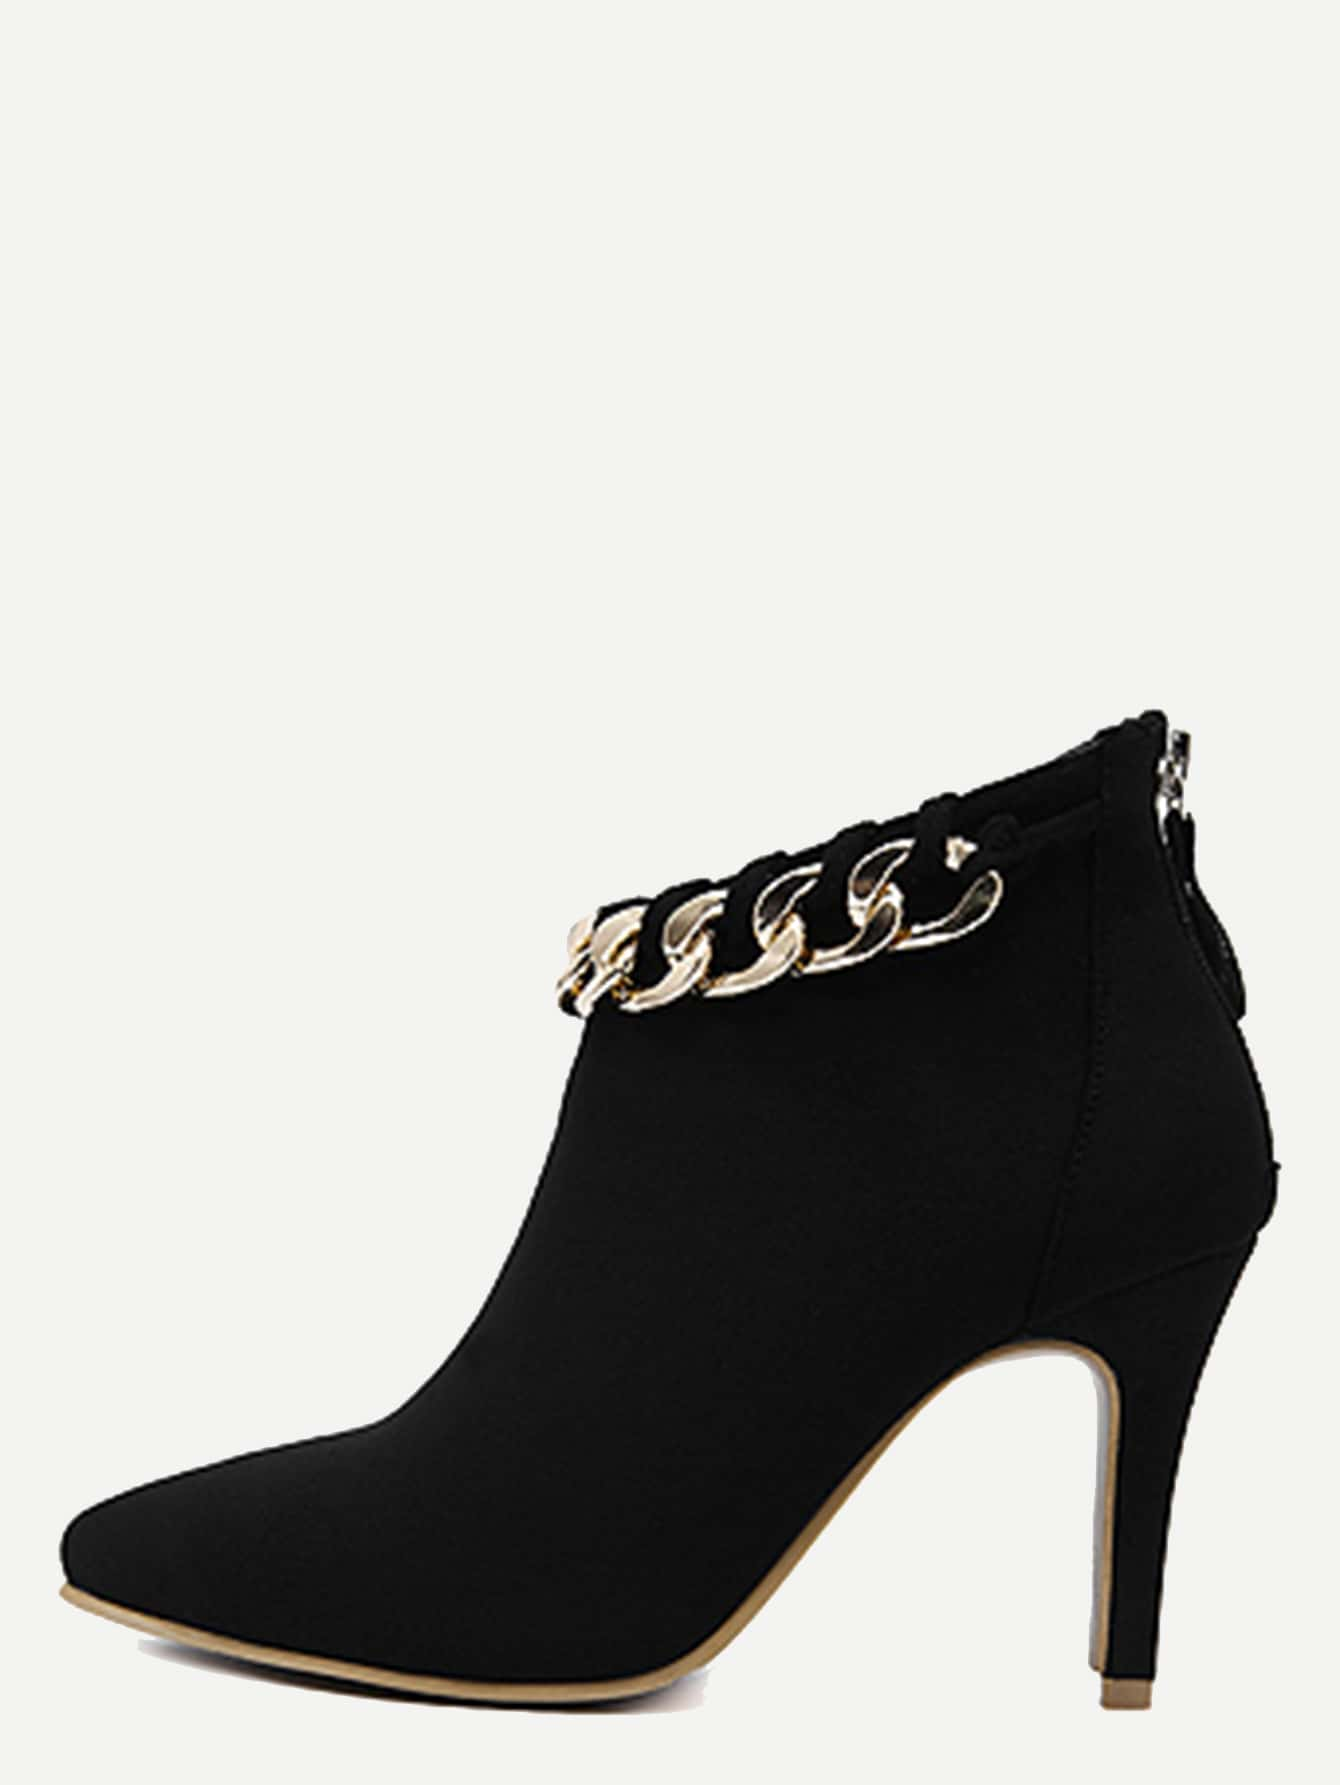 shoes161228803_2